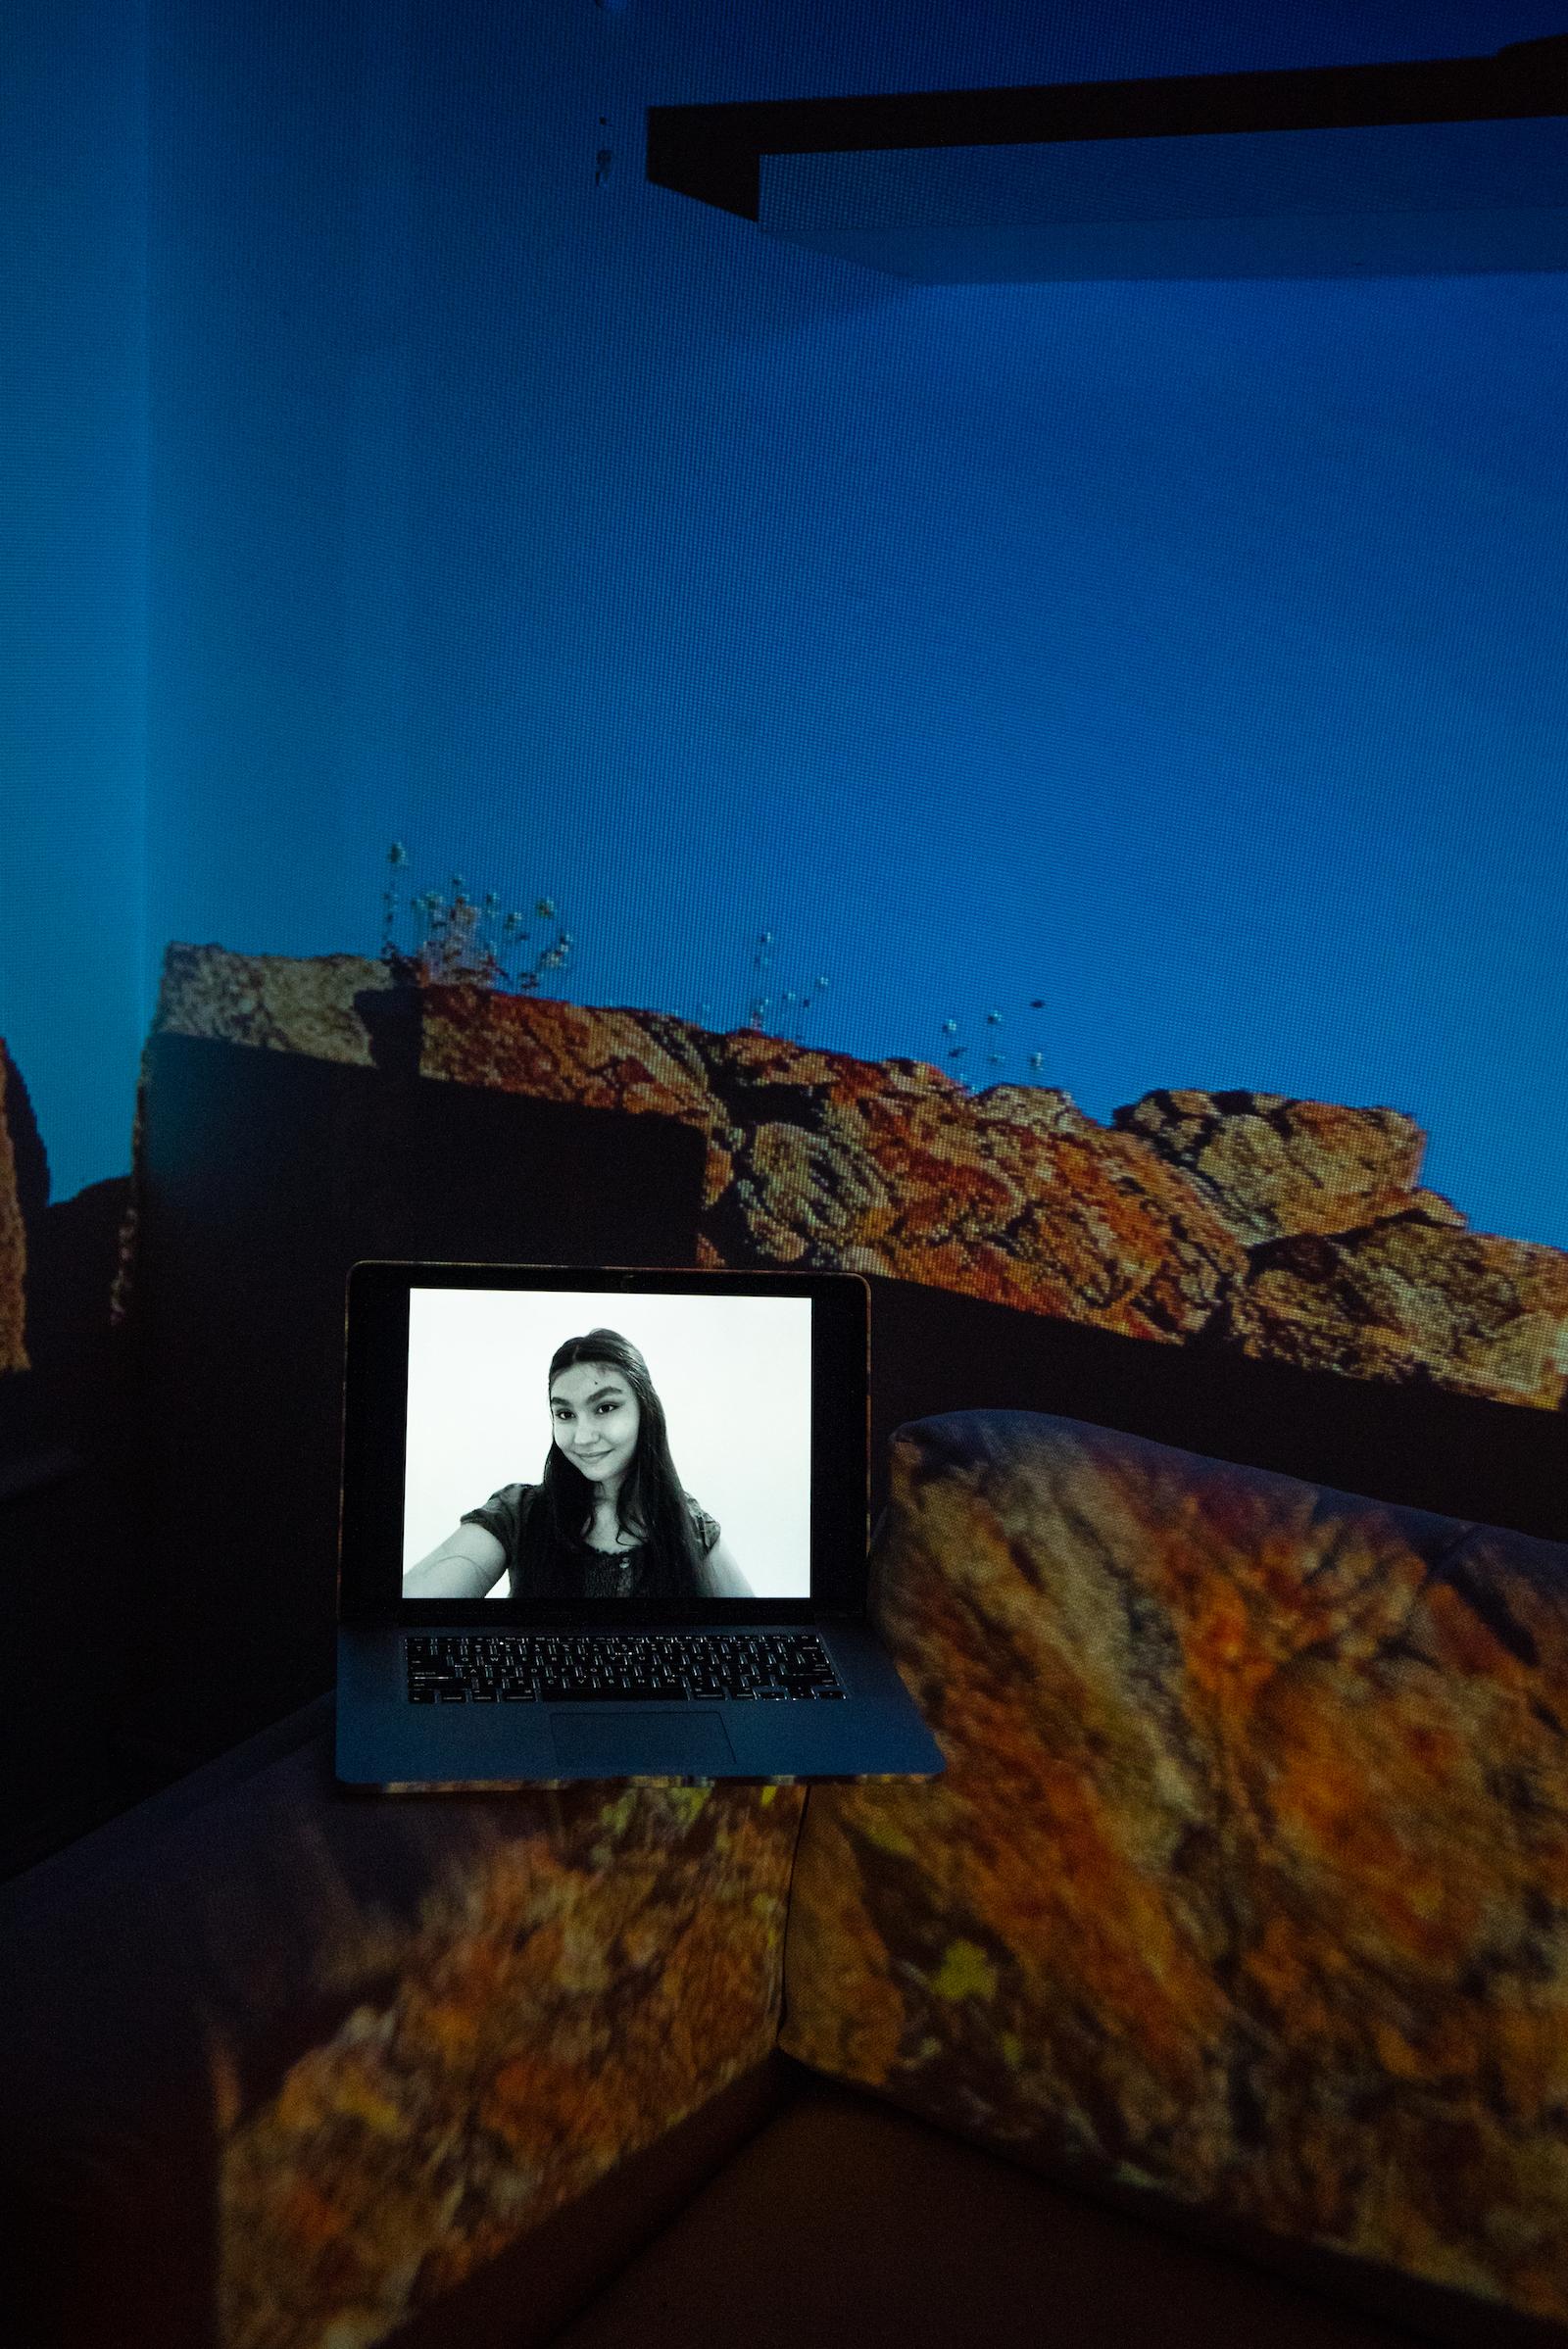 Lara Rudar, UAE Ambassador for Nature, MockCOP26 Delegate. Projected Image: Ascendiendo, Puerto Escondido, Mexico, December 2020.